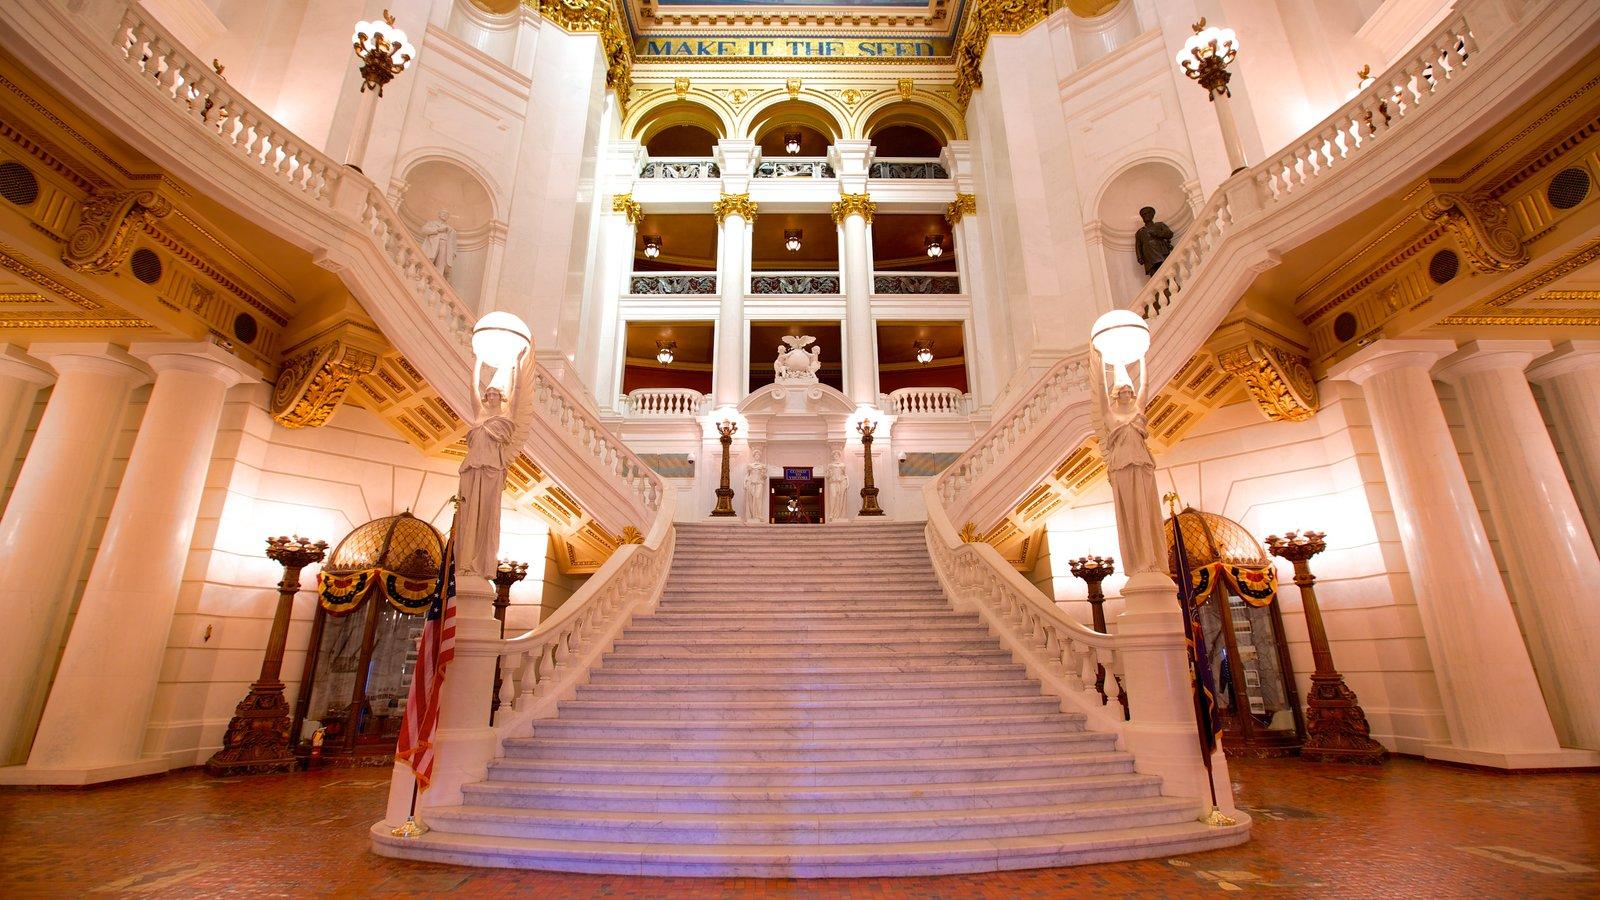 Pennsylvania State Capitol mostrando un edificio administrativo, vistas interiores y un castillo